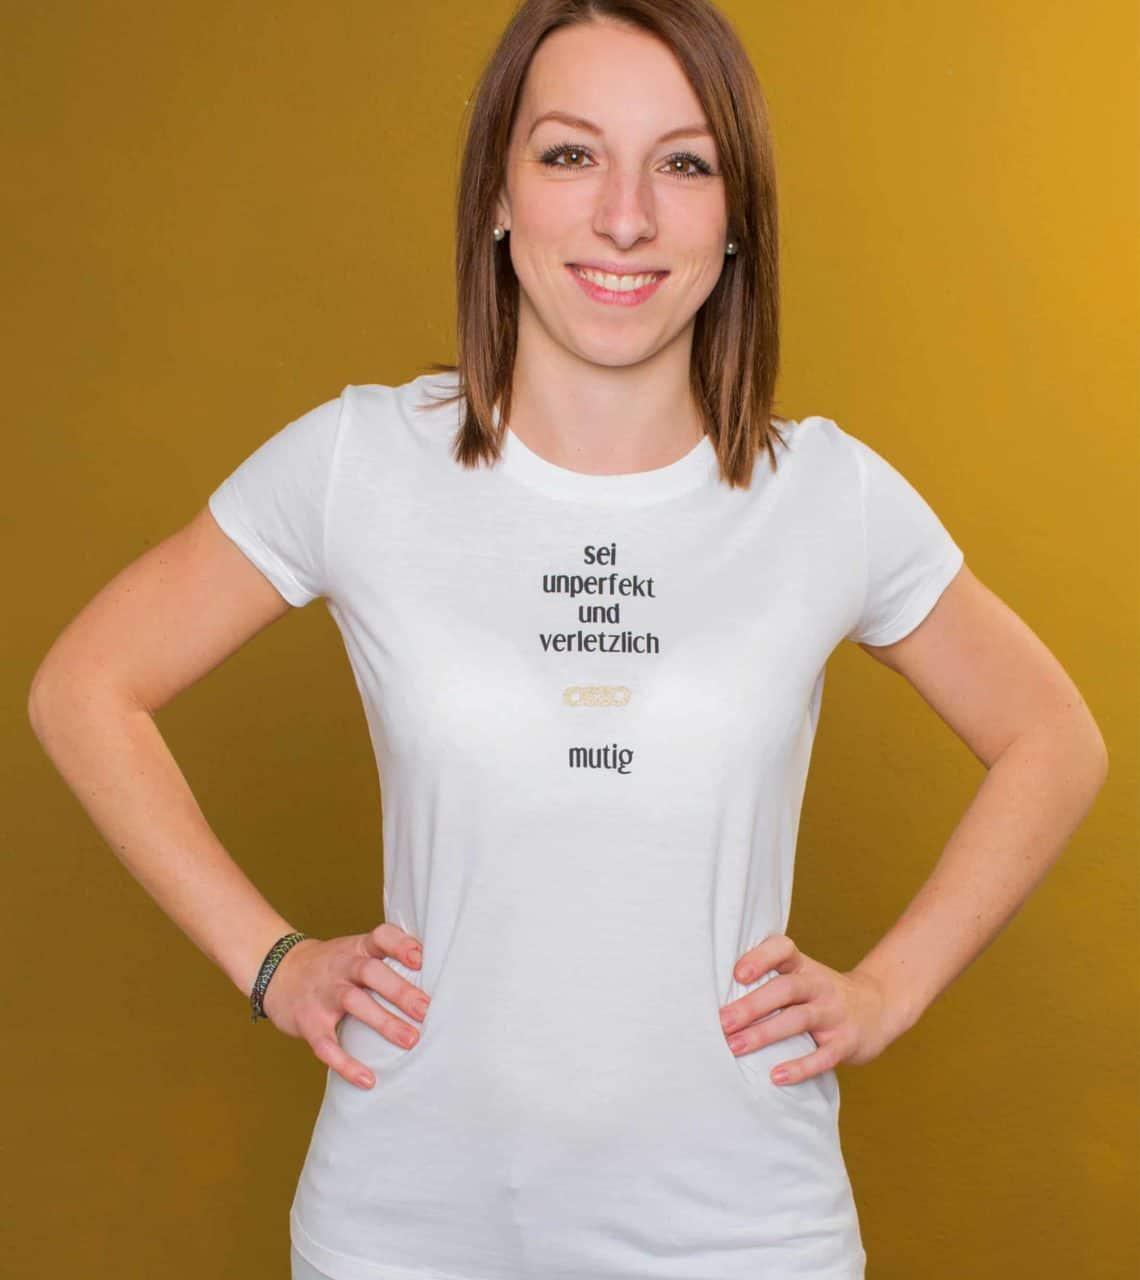 Sei Daham - Damen Shirt Mutig Front